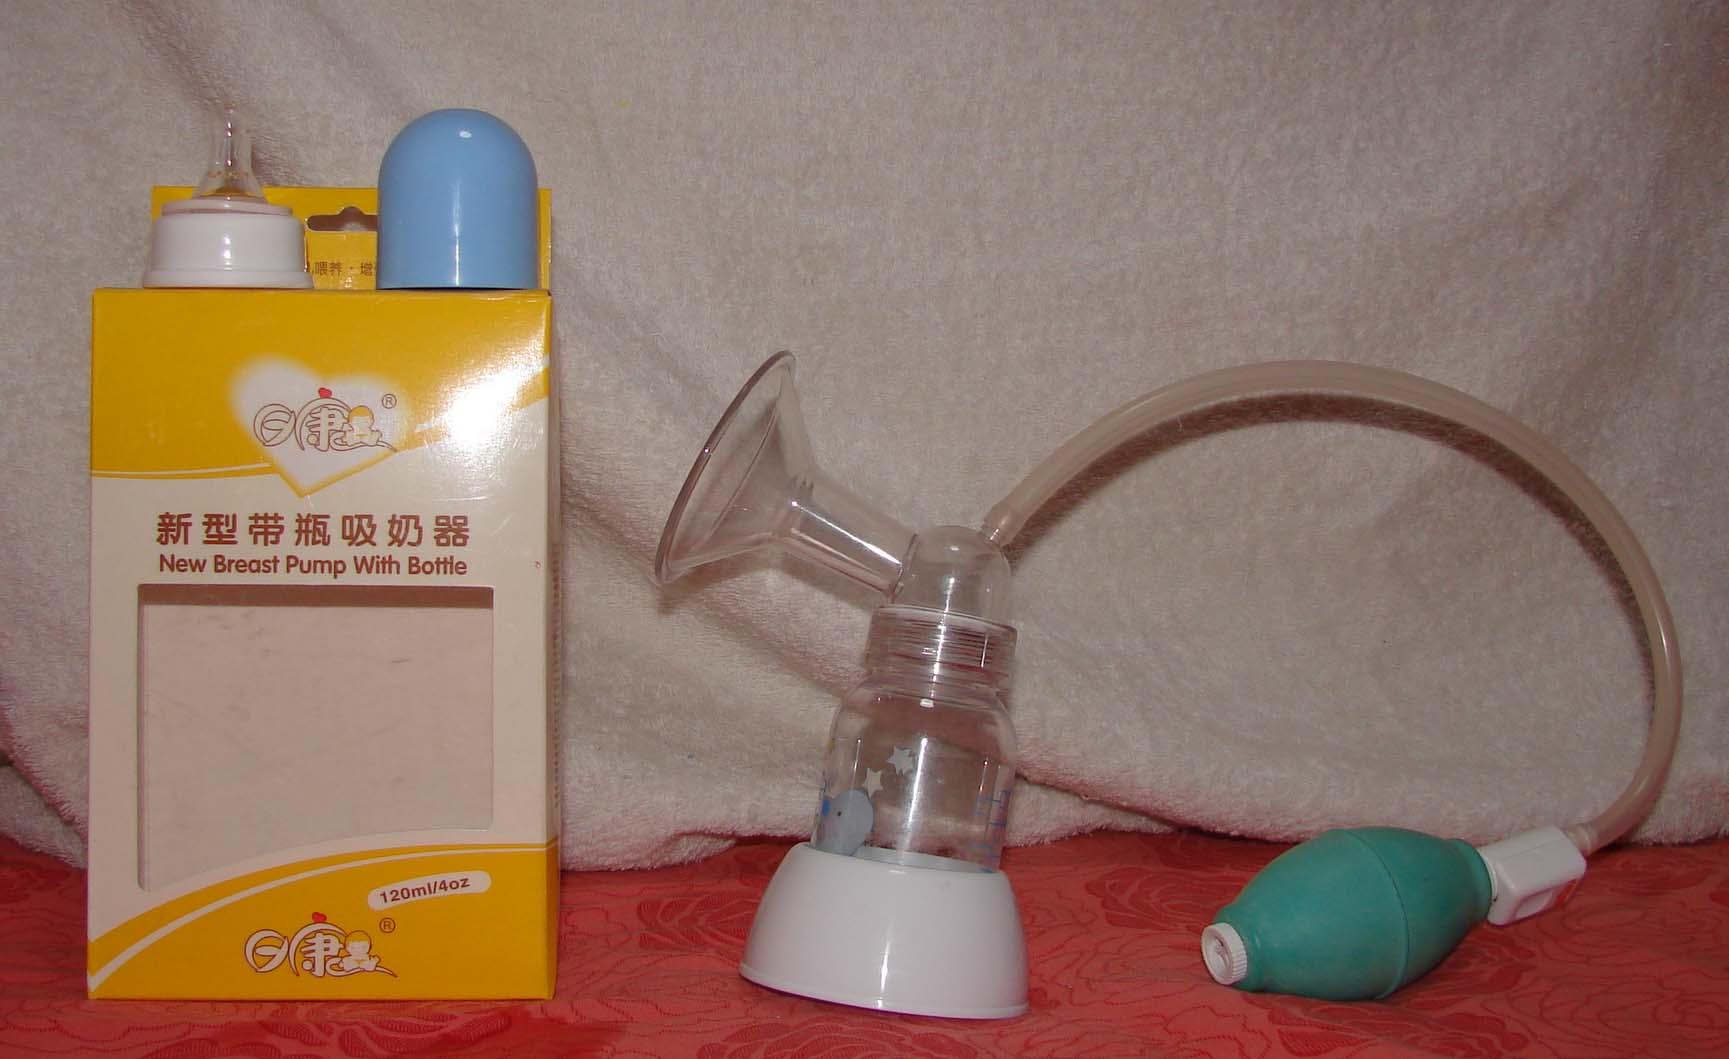 如中途需停止吸乳 务必把吸乳器置于底座中